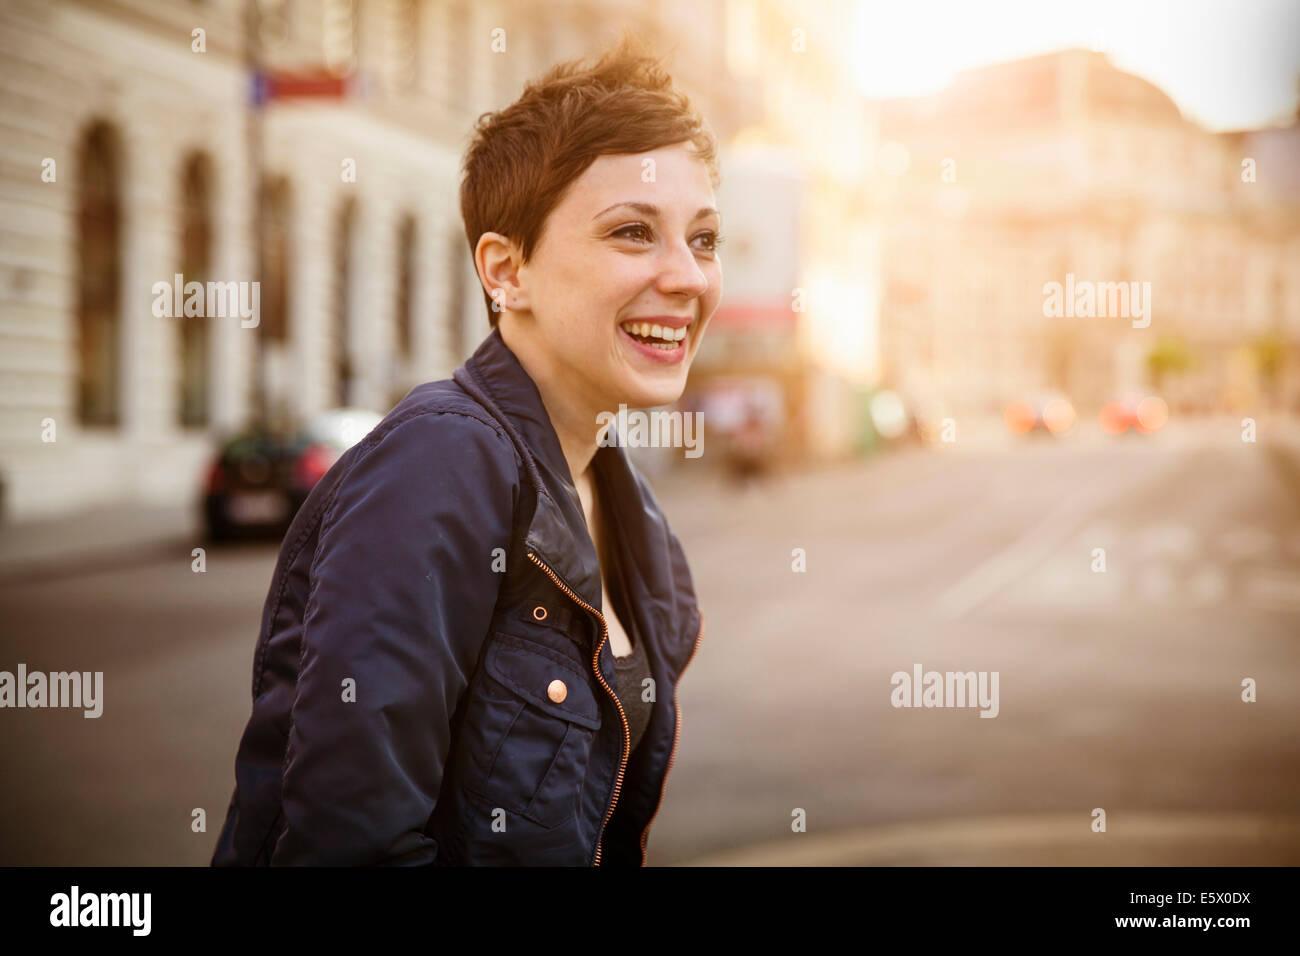 Retrato de una mujer adulta joven Imagen De Stock